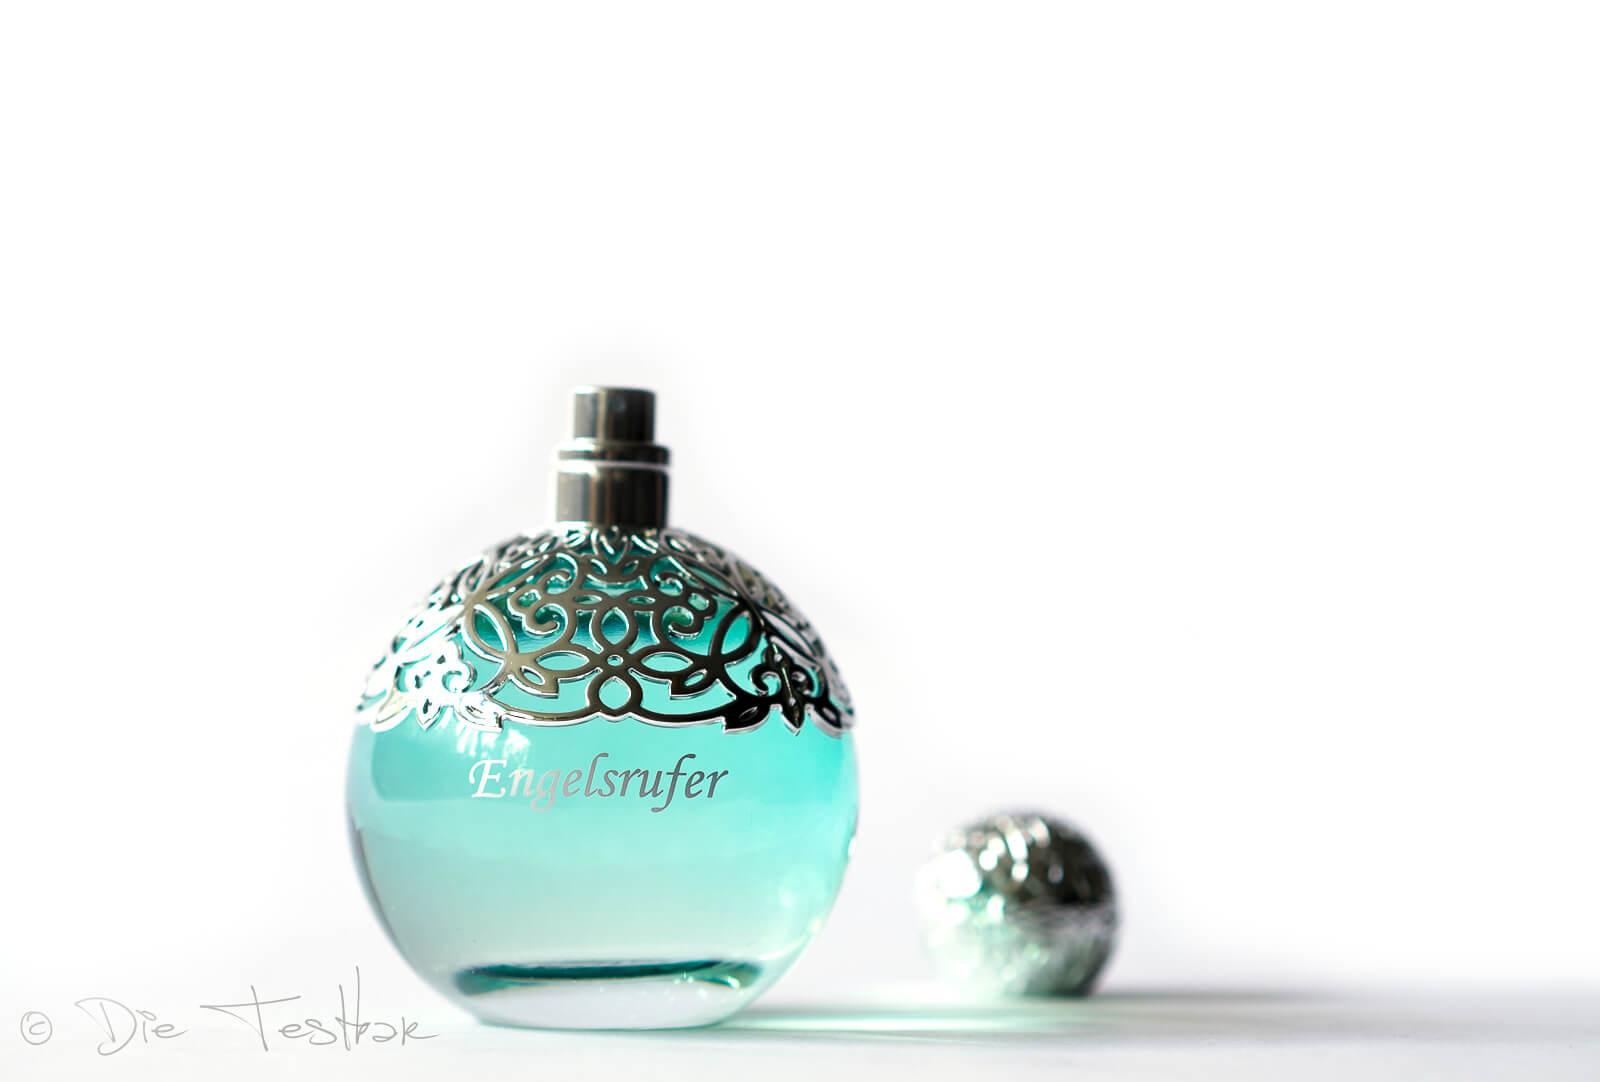 Heaven - Das neue Parfum von Engelsrufer